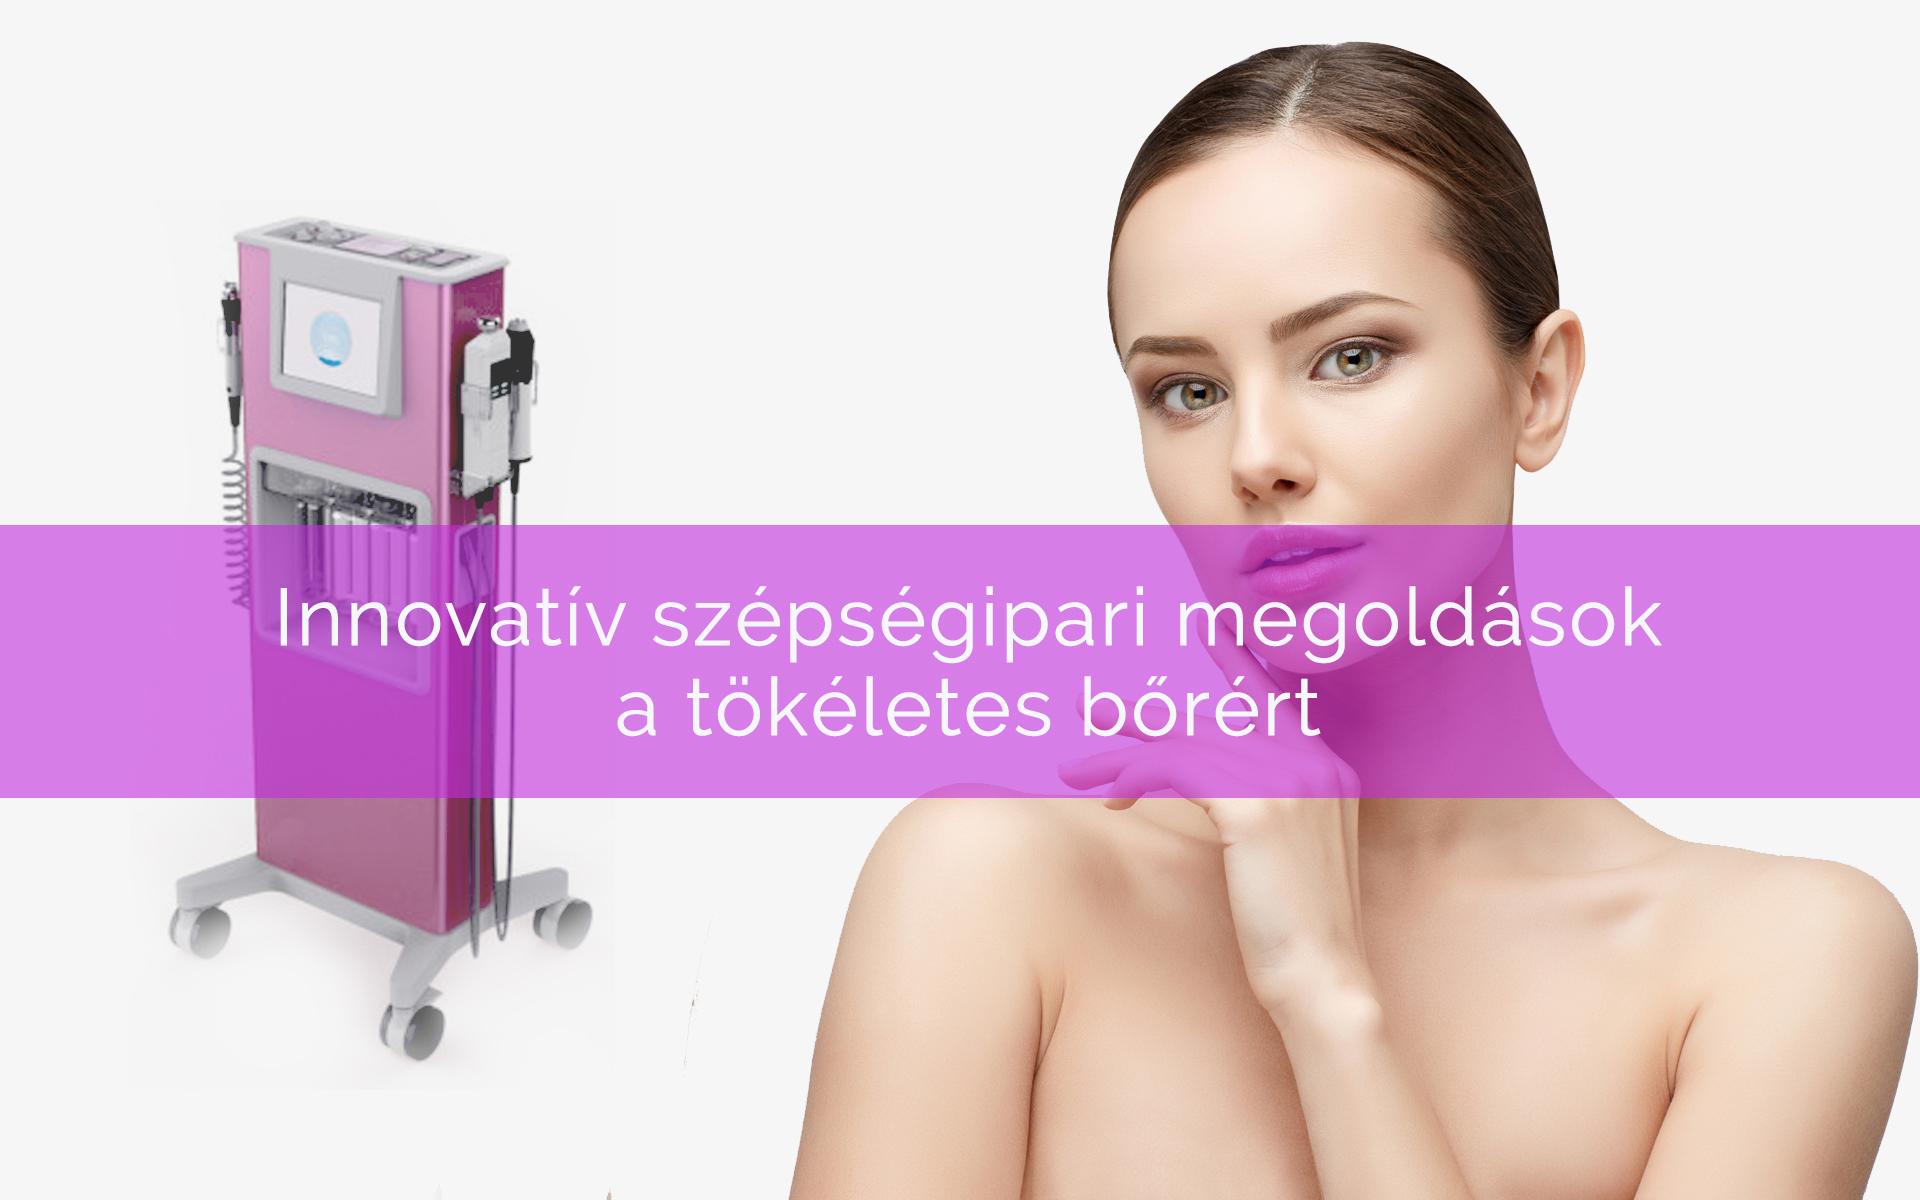 Innovatív szépségipari megoldások a tökéletes bőrért